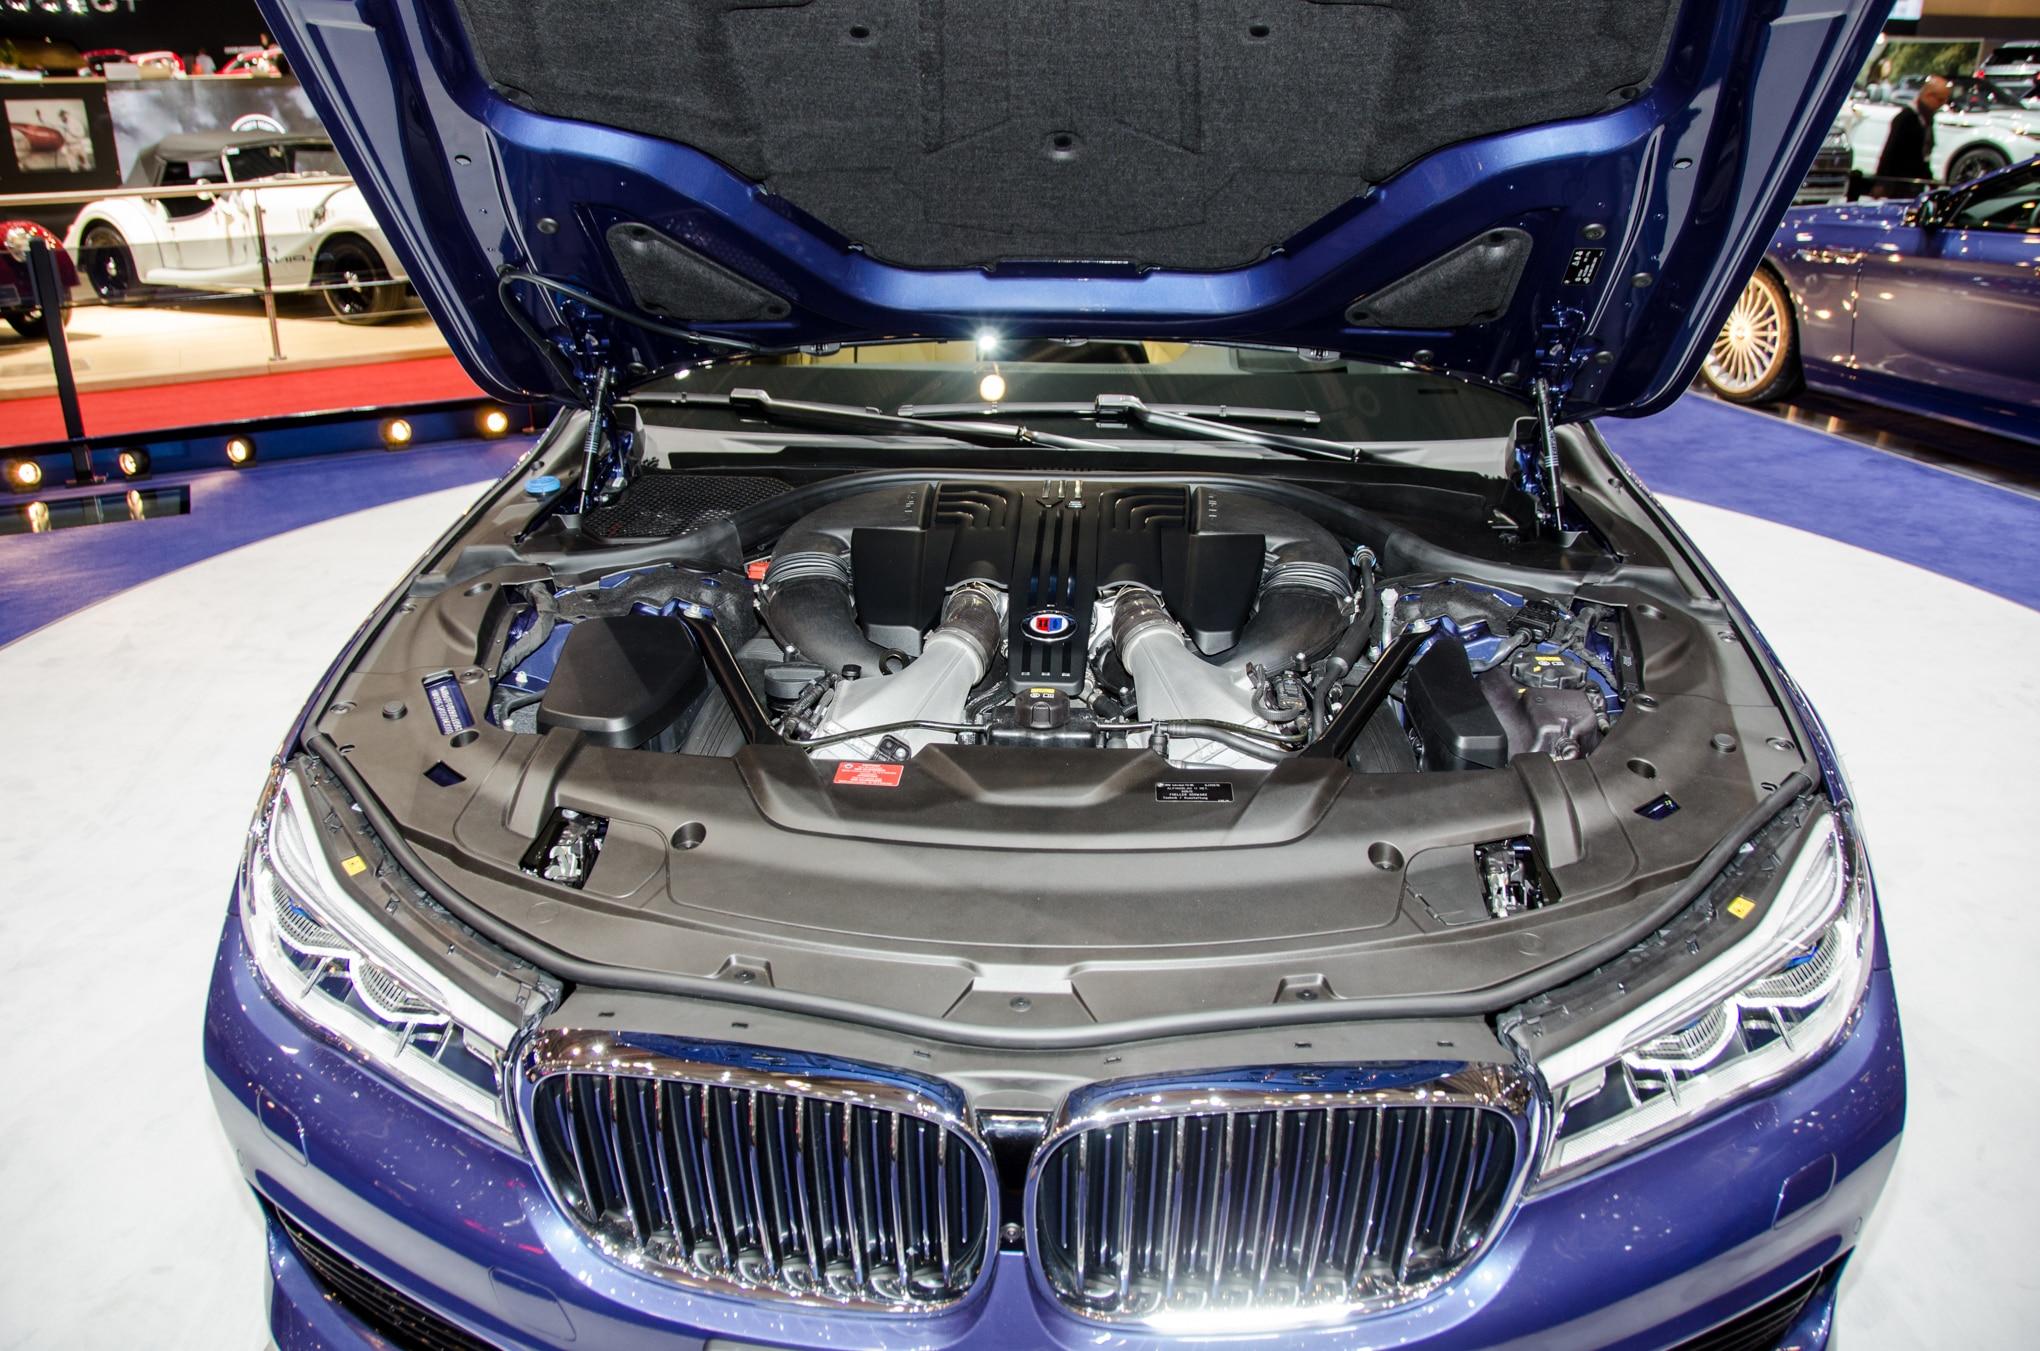 BMW Alpina B XDrive Is A HP MPH Luxury Sedan - Bmw alpina 37